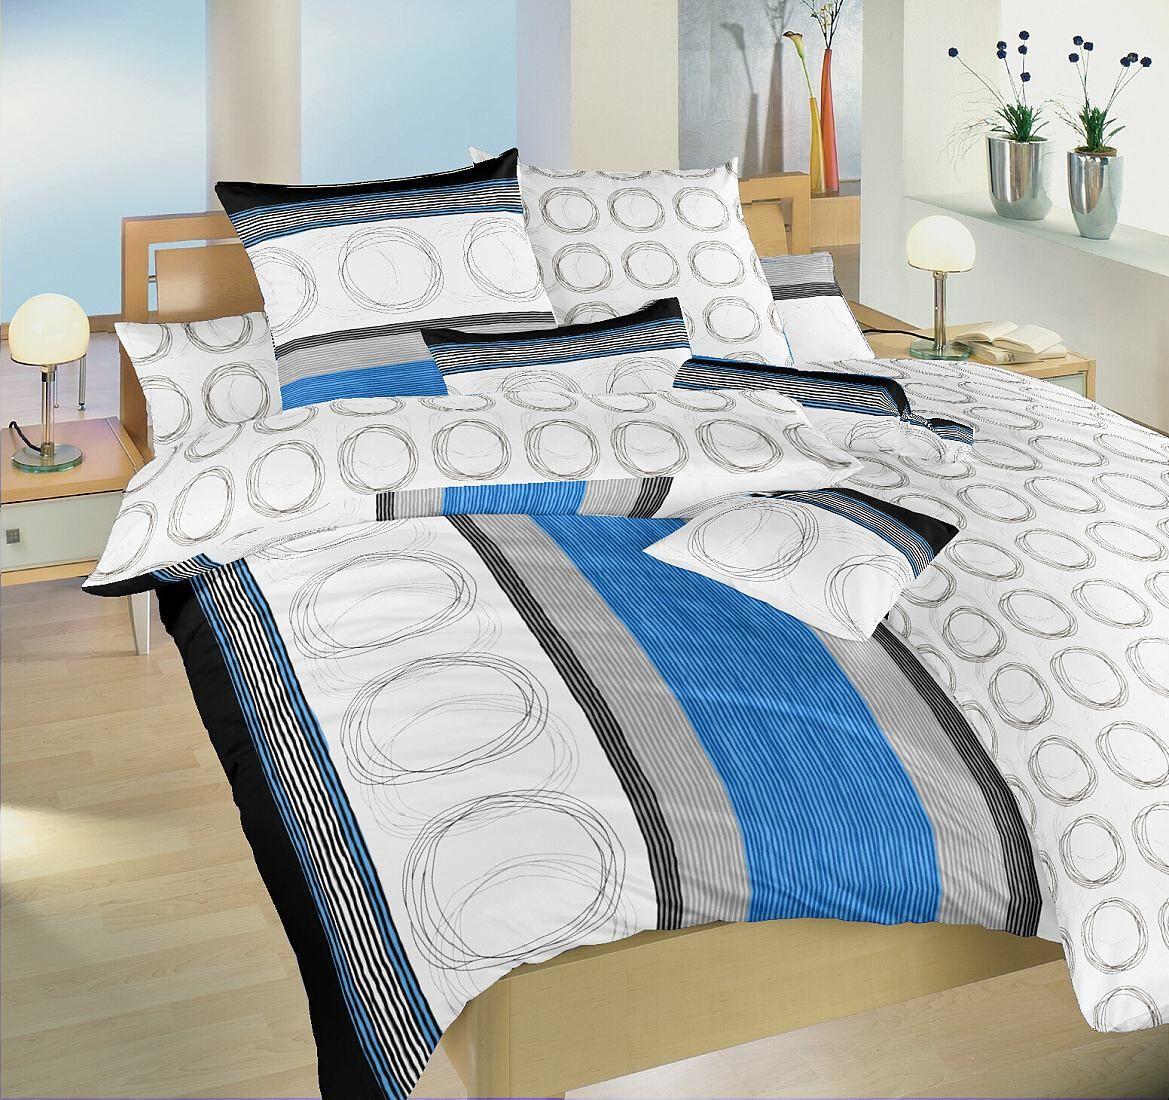 Českej výroby bavlnené posteľné obliečky Kružnica modrej a krúžky, Dadka